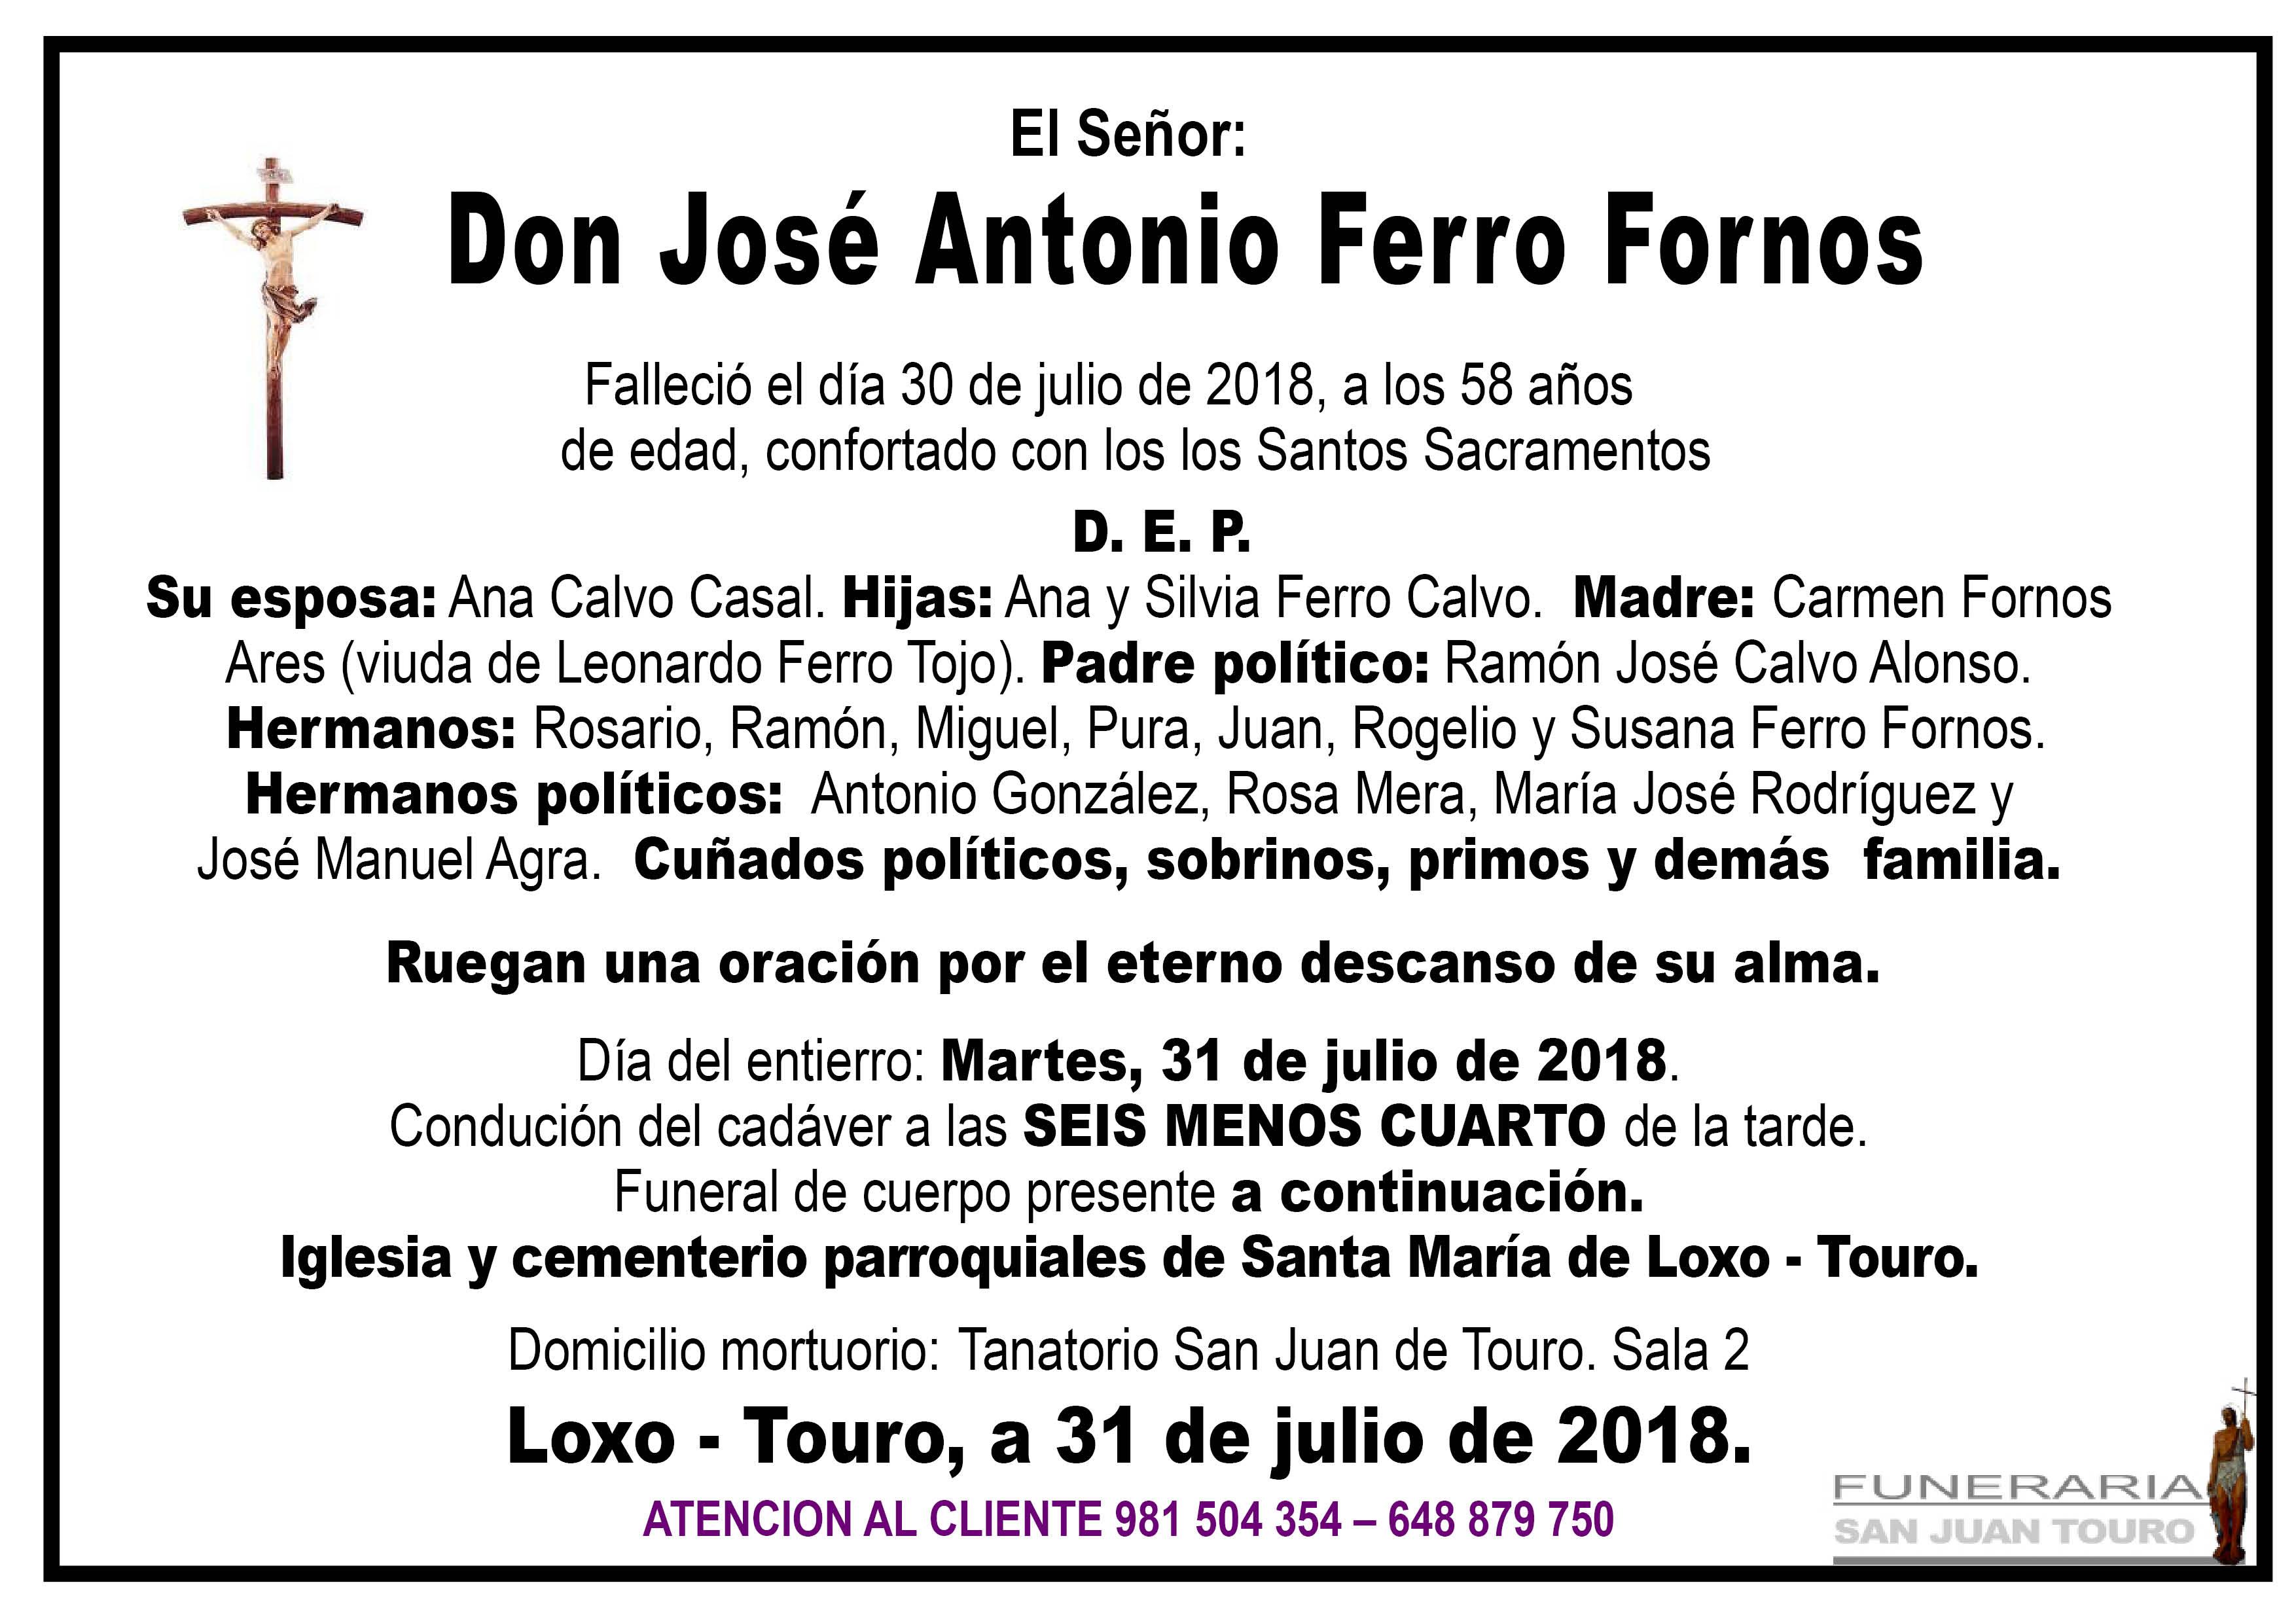 Esquela de SEPELIO DE DON JOSÉ ANTONIO FERRO FORNOS